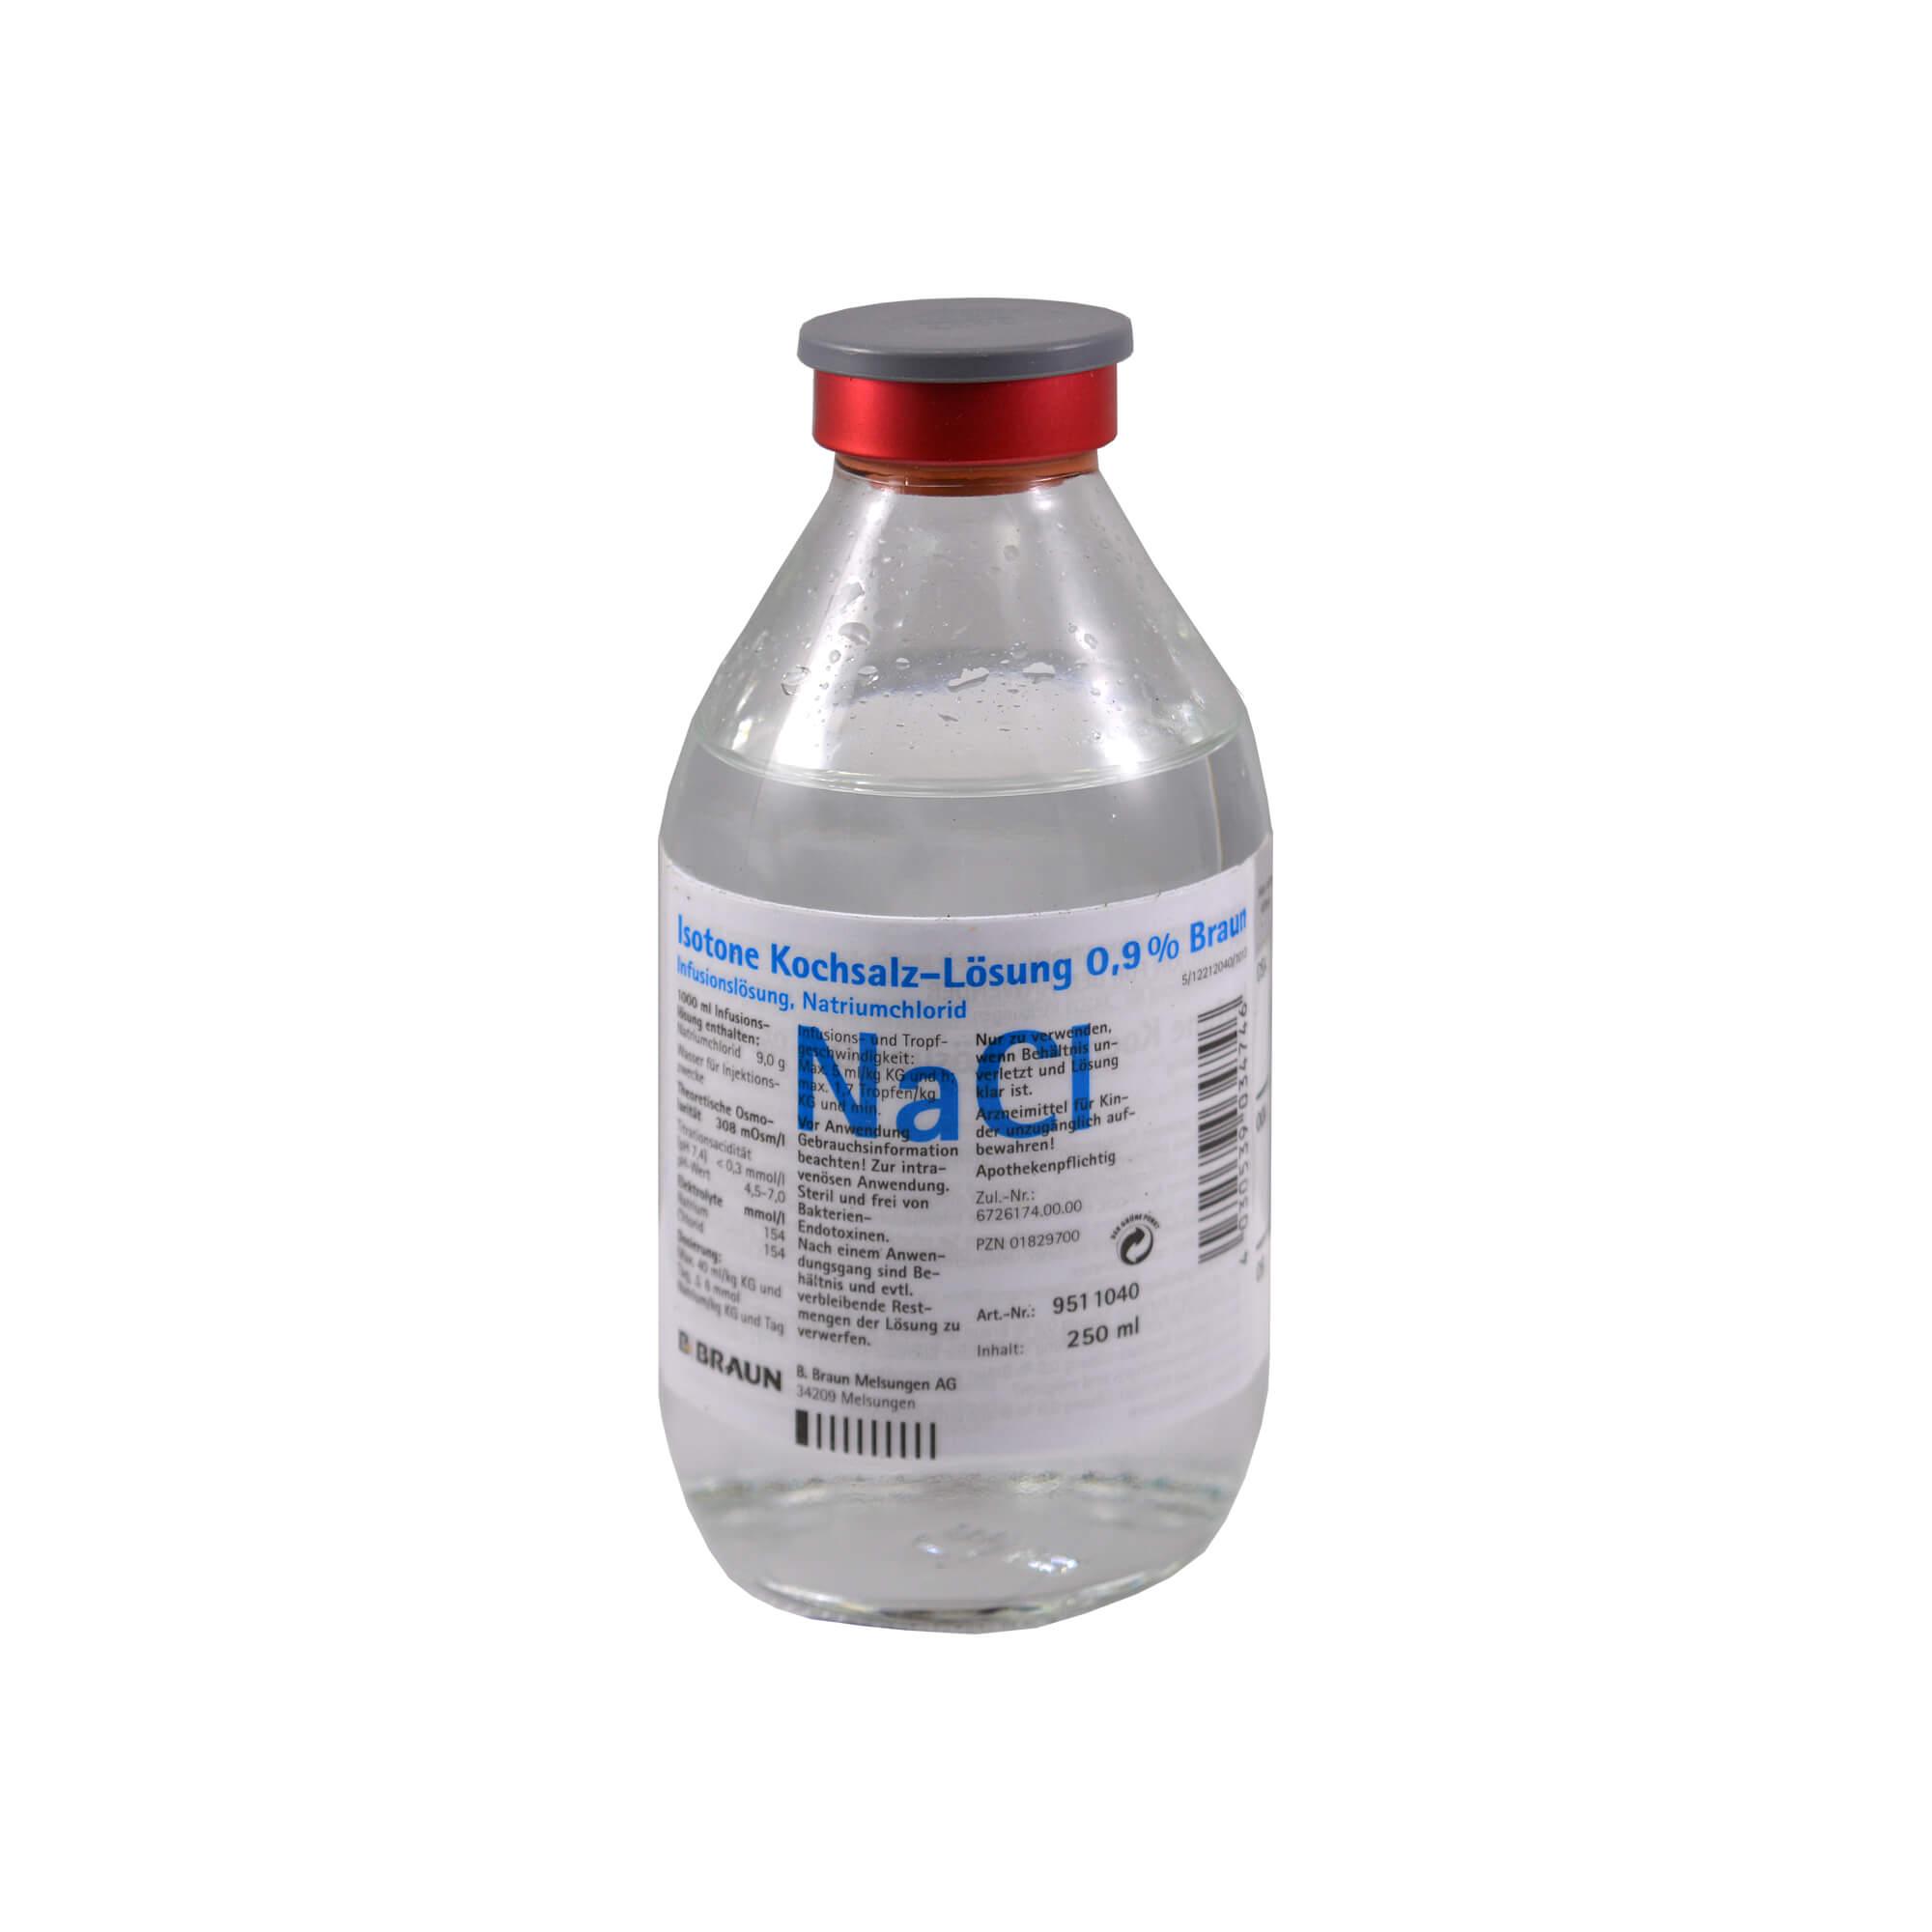 Kochsalz 0,9% Isotonisch Glasflasche